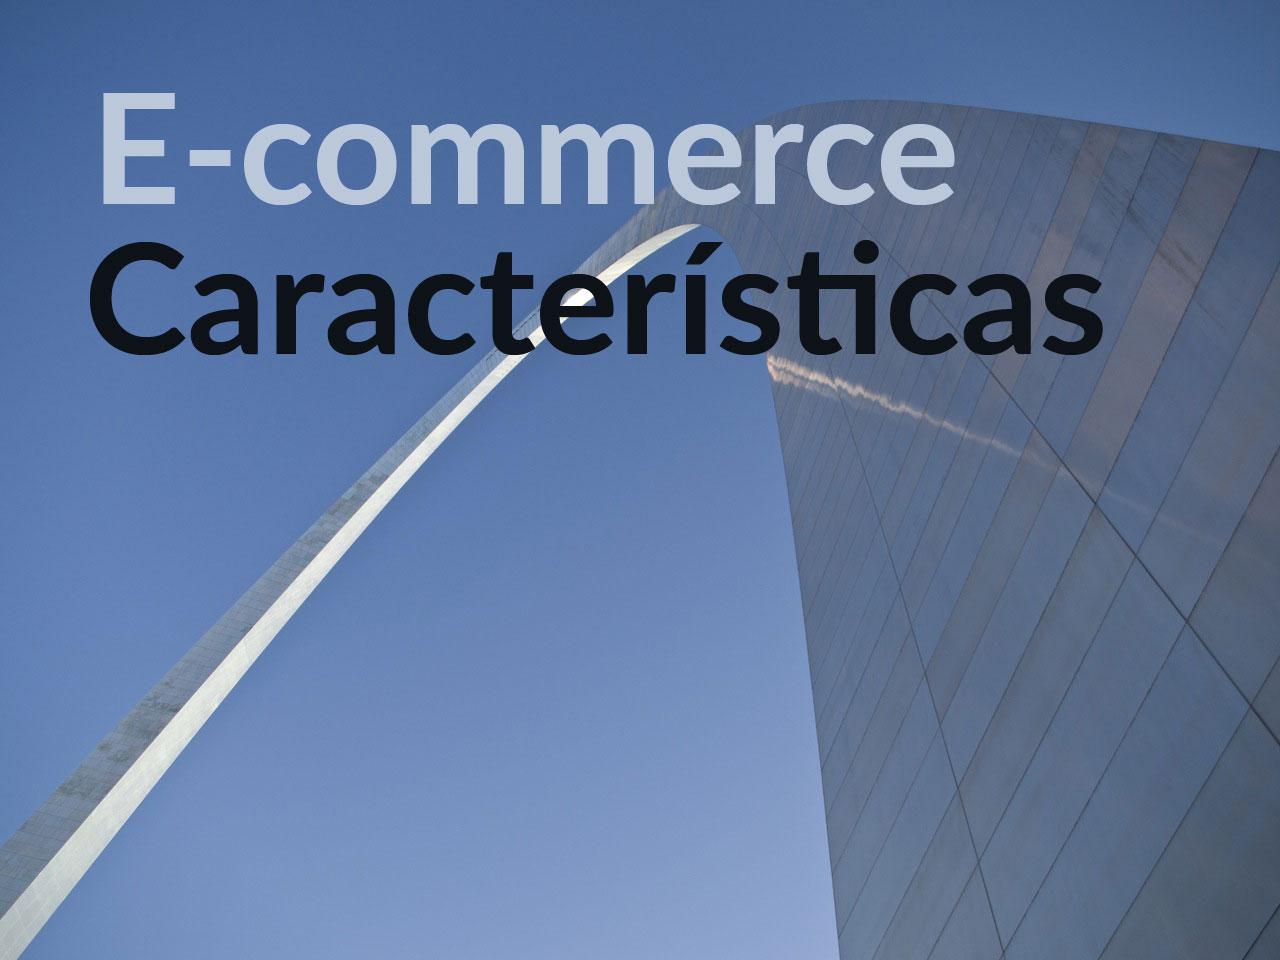 caracteristicas-ecommerce1